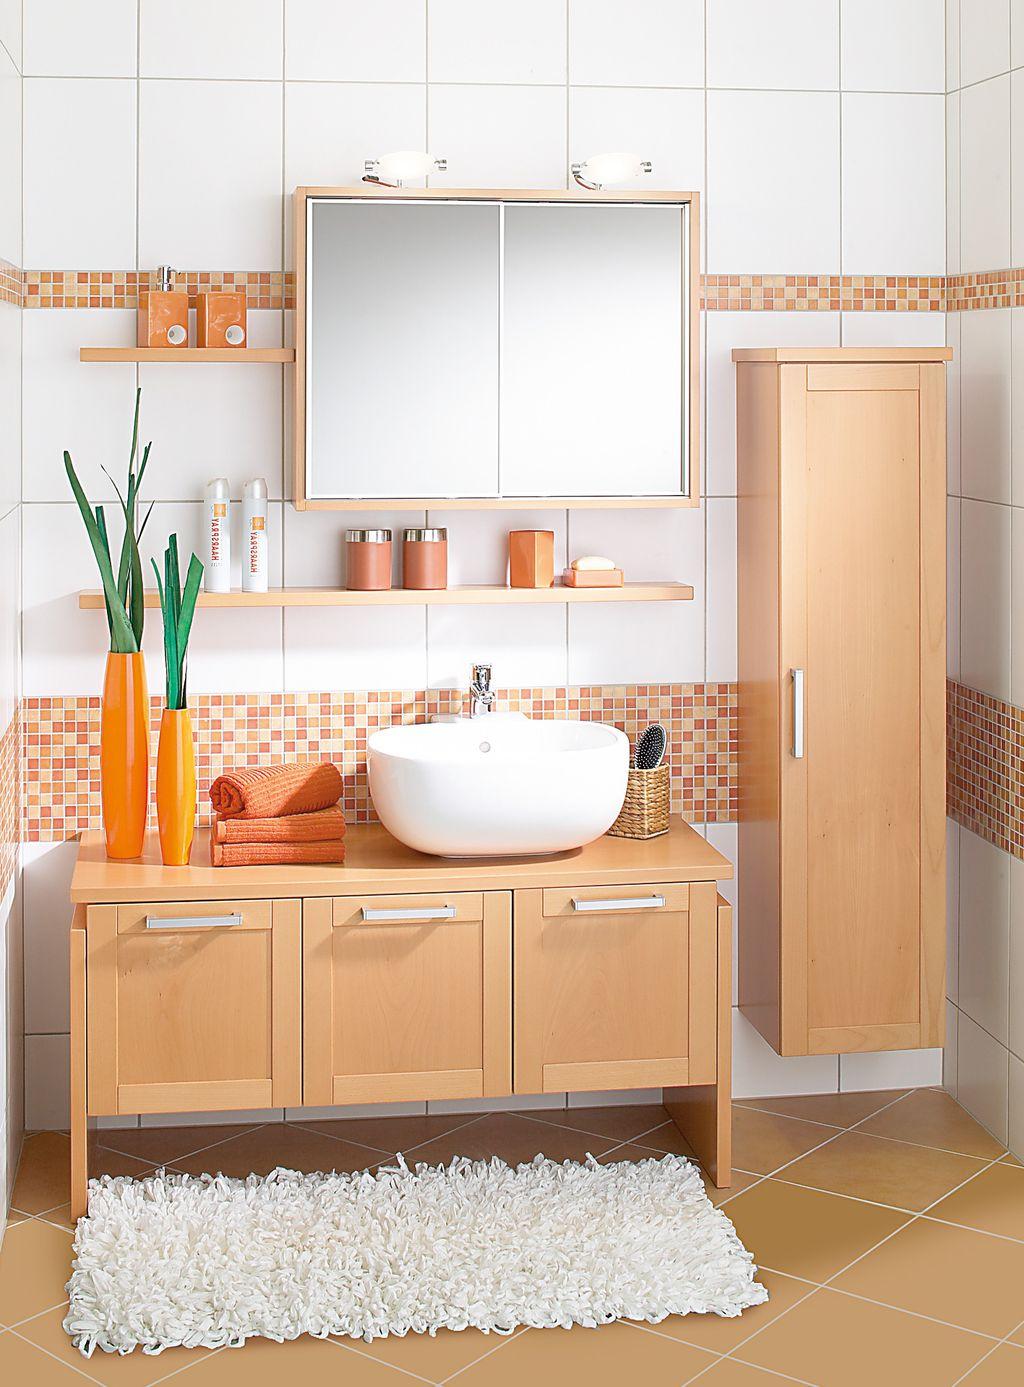 Einzelbad mit Spiegel-Schiebetürenschrank